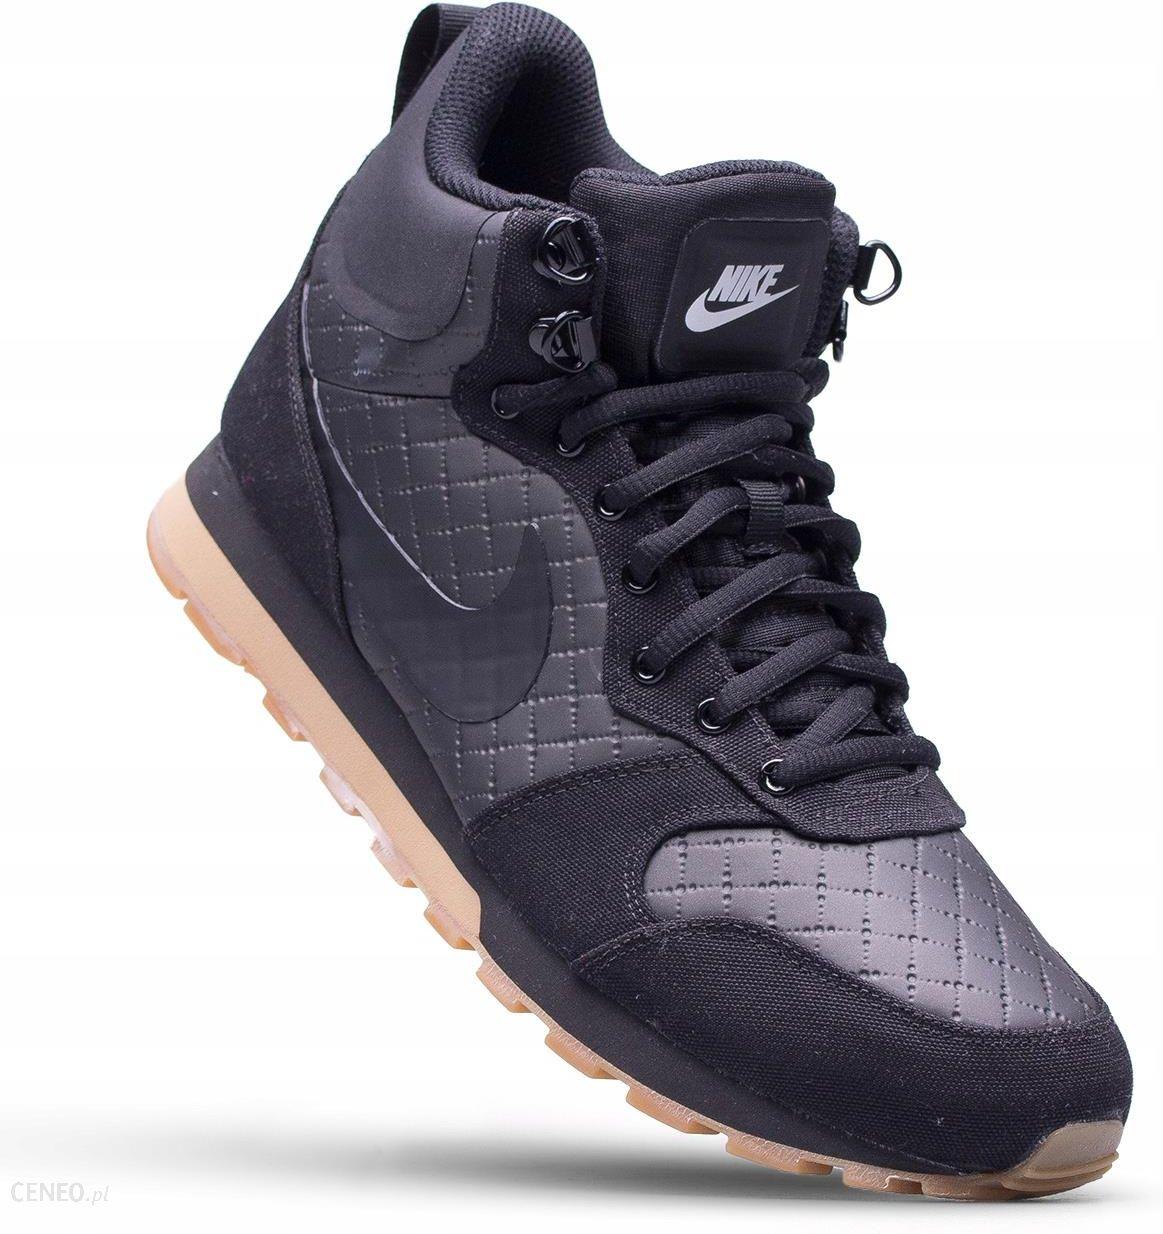 547d8de428f89 Nike MD Runner 2 Prem Buty Męskie Czarne Różne Roz - Ceny i opinie ...